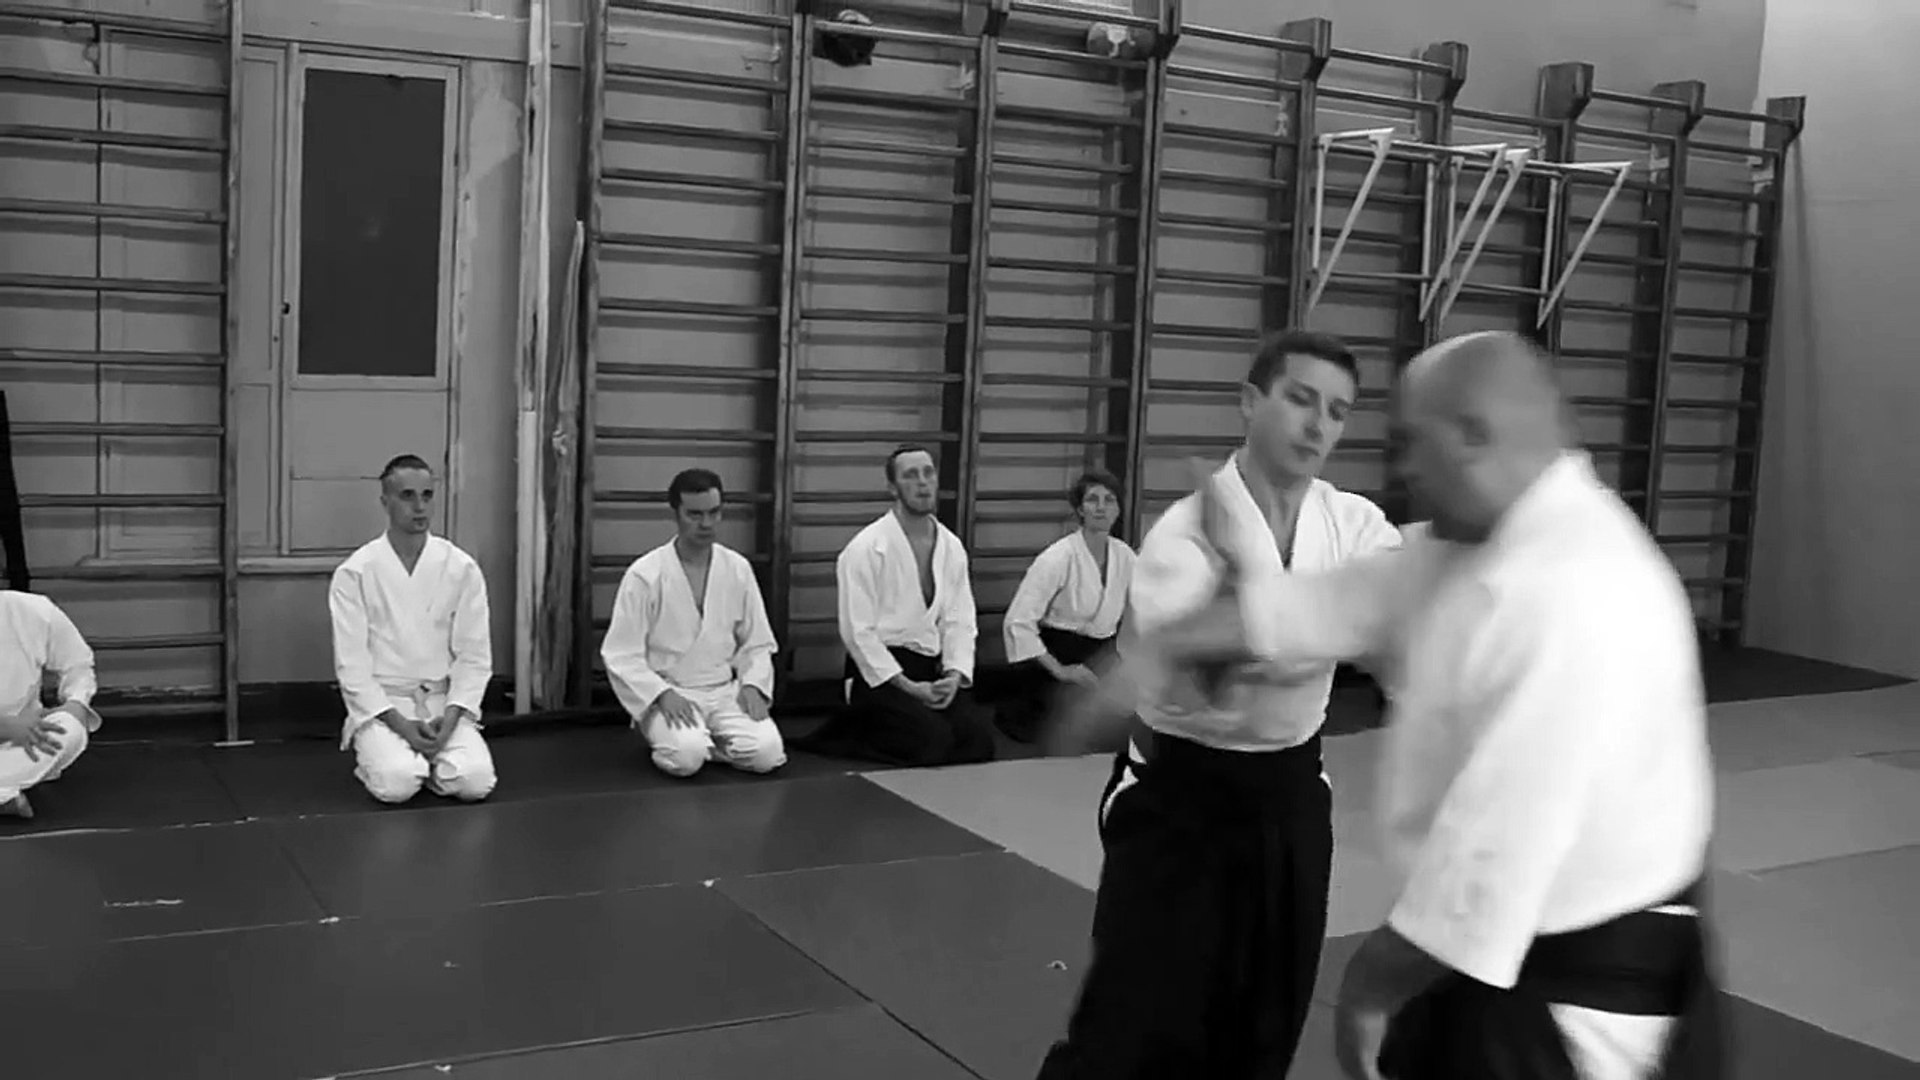 08/06/2015 katadori-menuchi, koschi-nage, ikke-osae, kokyu-nage, Айкидо, тренировки,  спб,